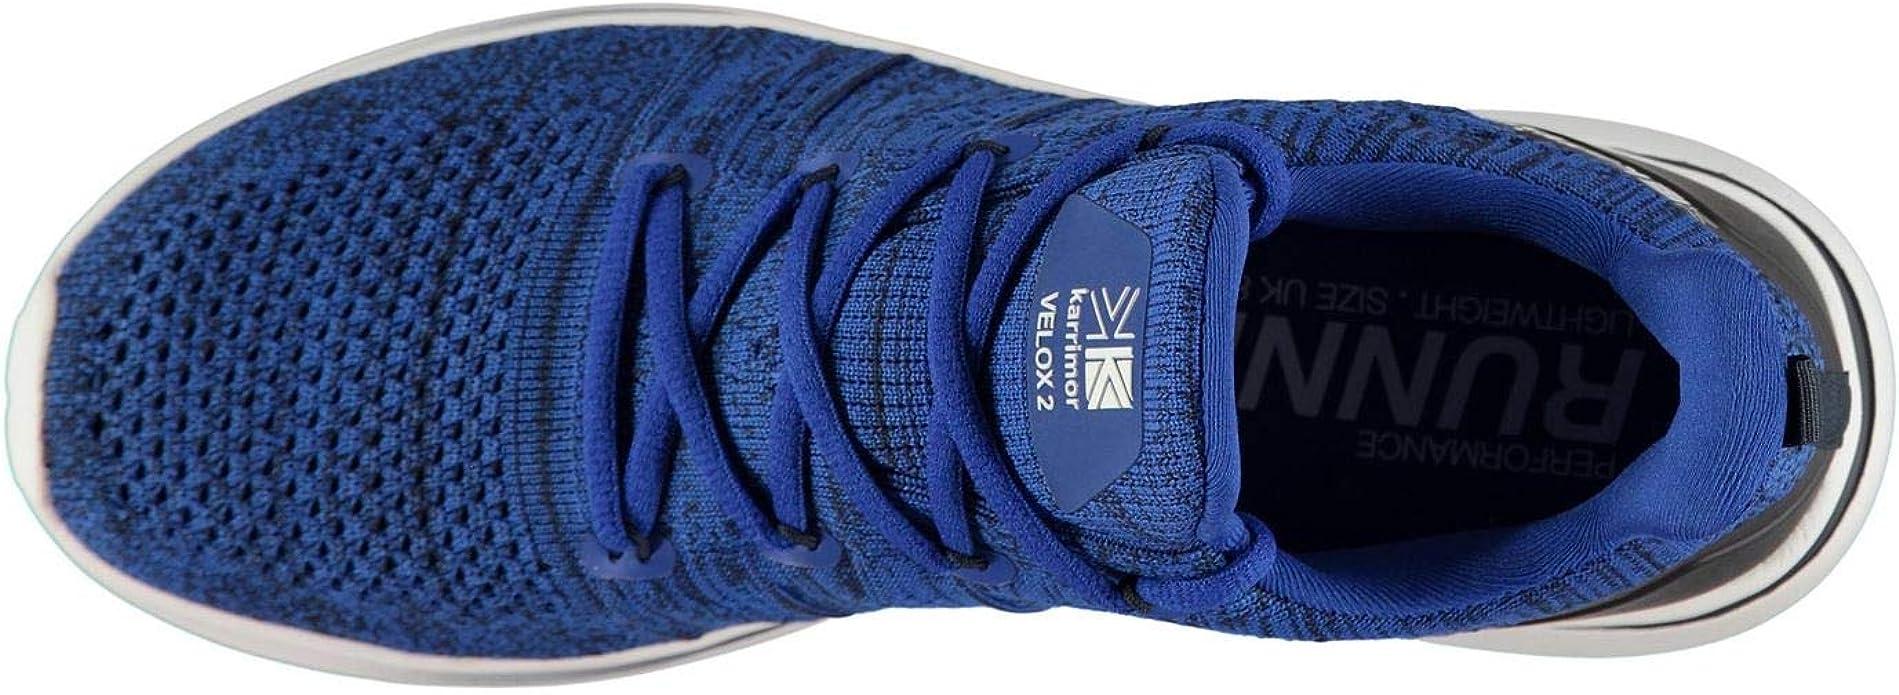 Karrimor Mens Velox 2 Running Shoe Blue